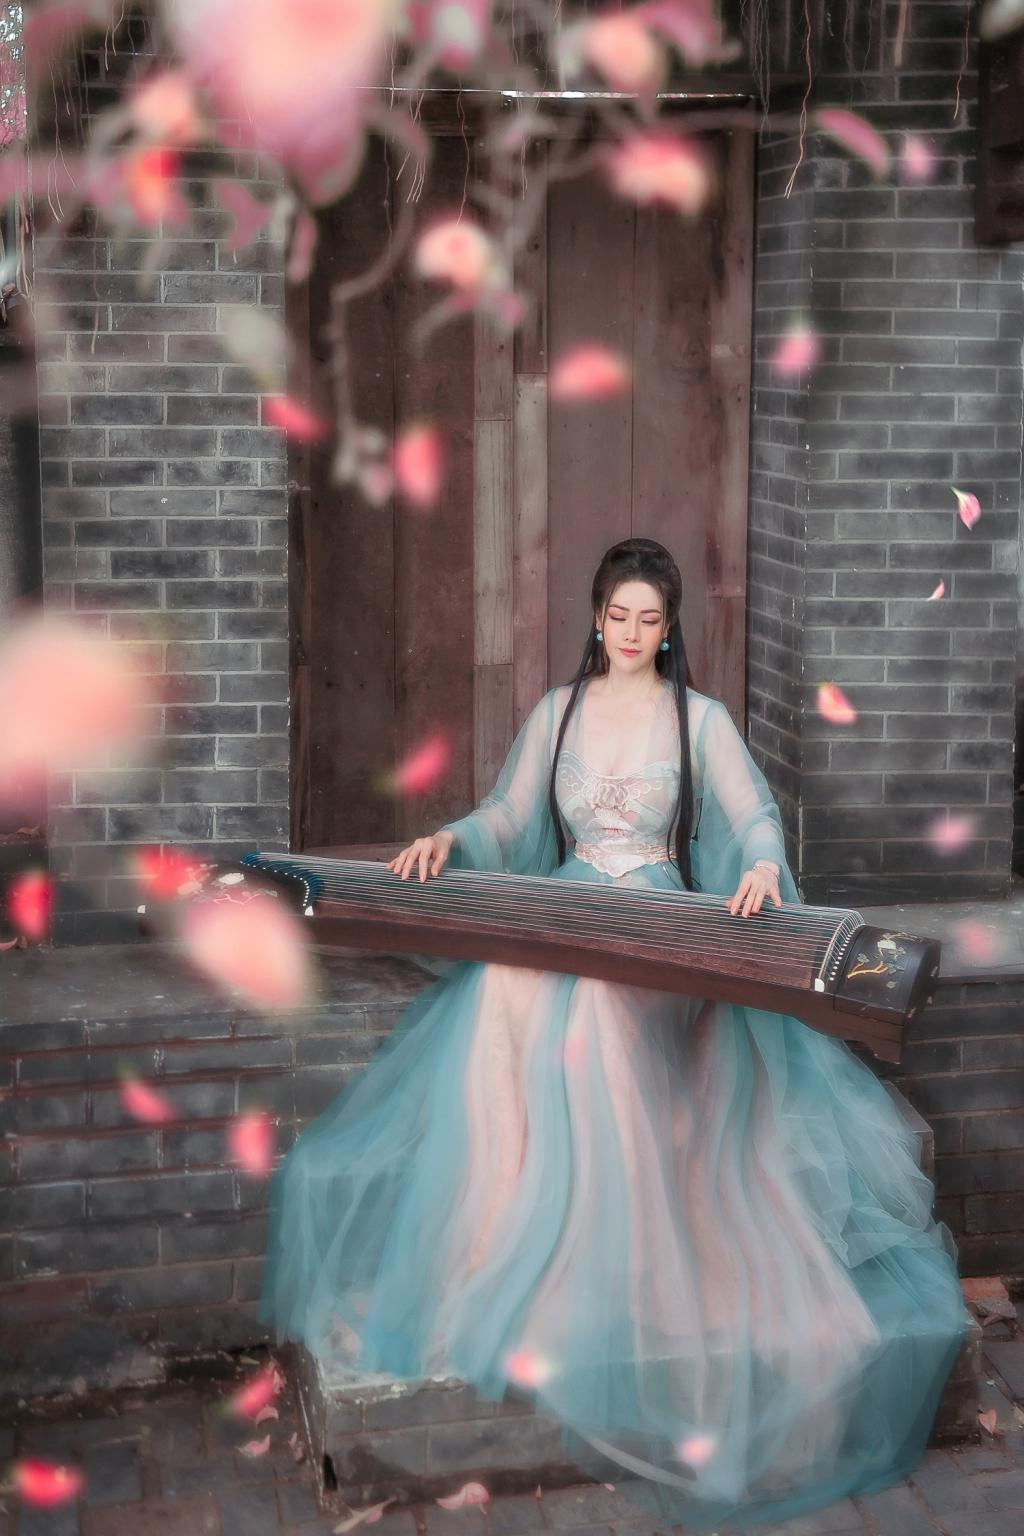 nhat kim anh dep mong manh khi hoa tien nu